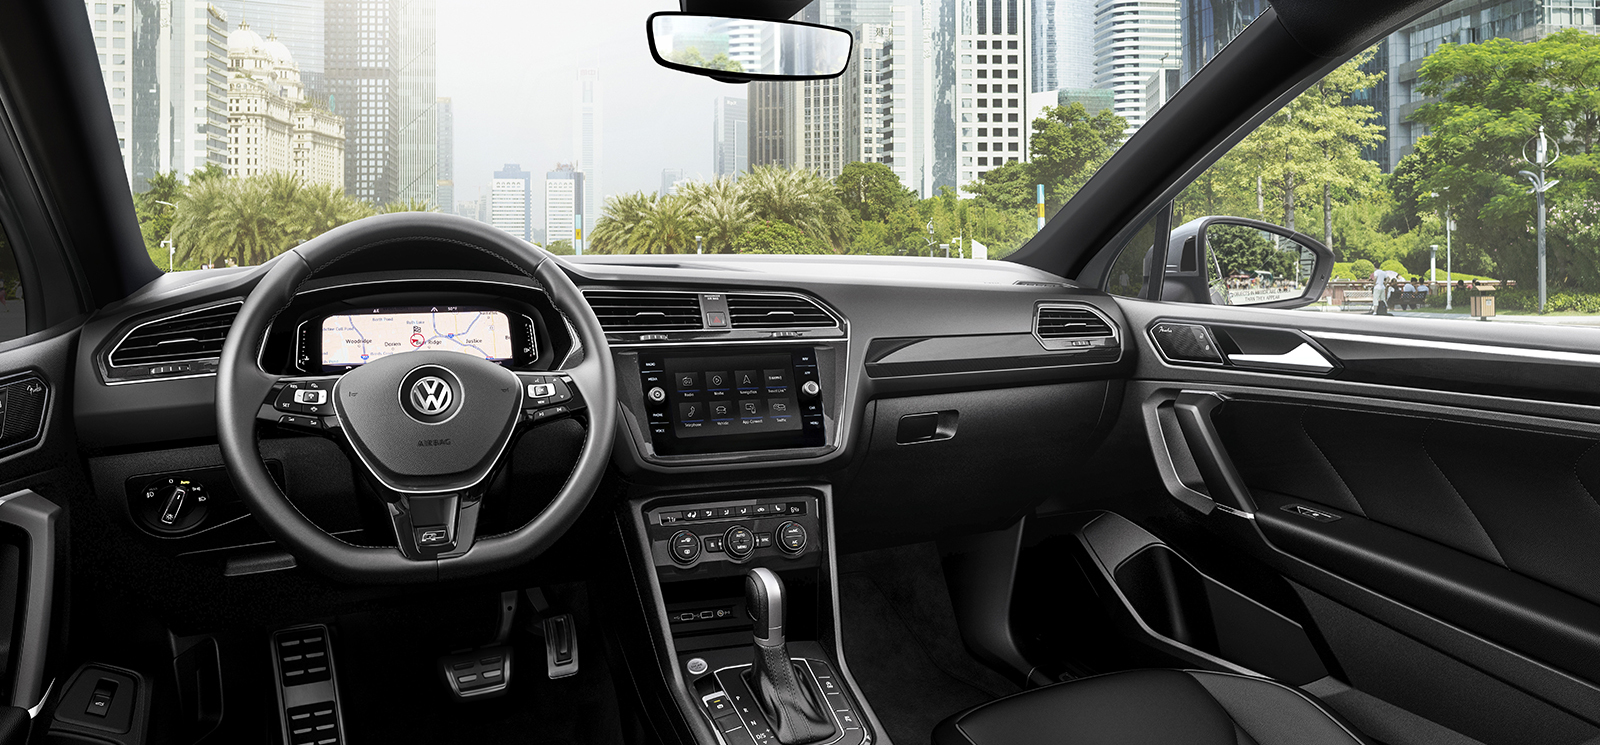 Interior of the 2020 VW Tiguan